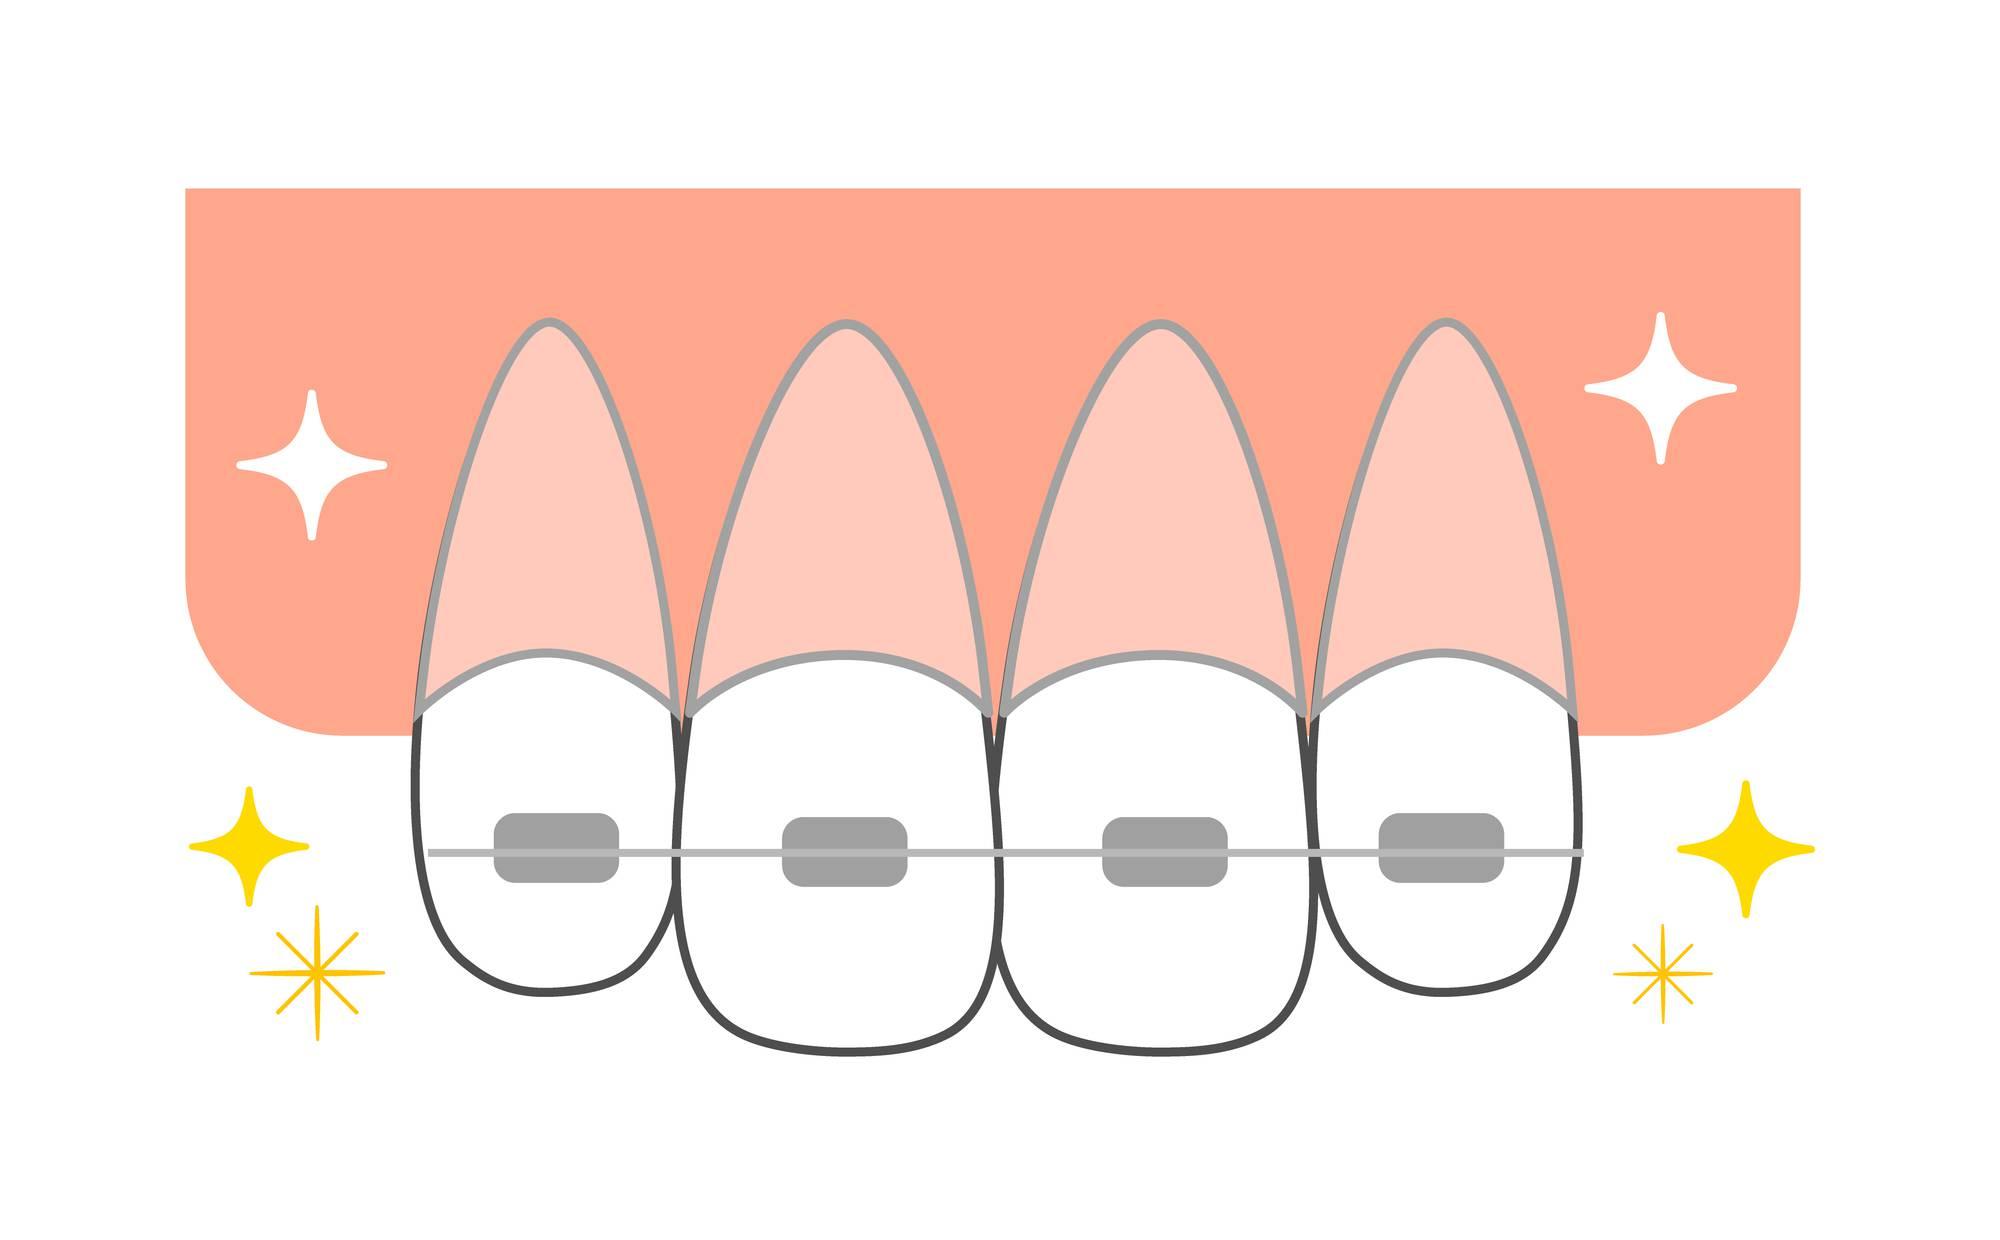 矯正中におすすめの歯ブラシを紹介! 毛束が三角形のブラシとは?